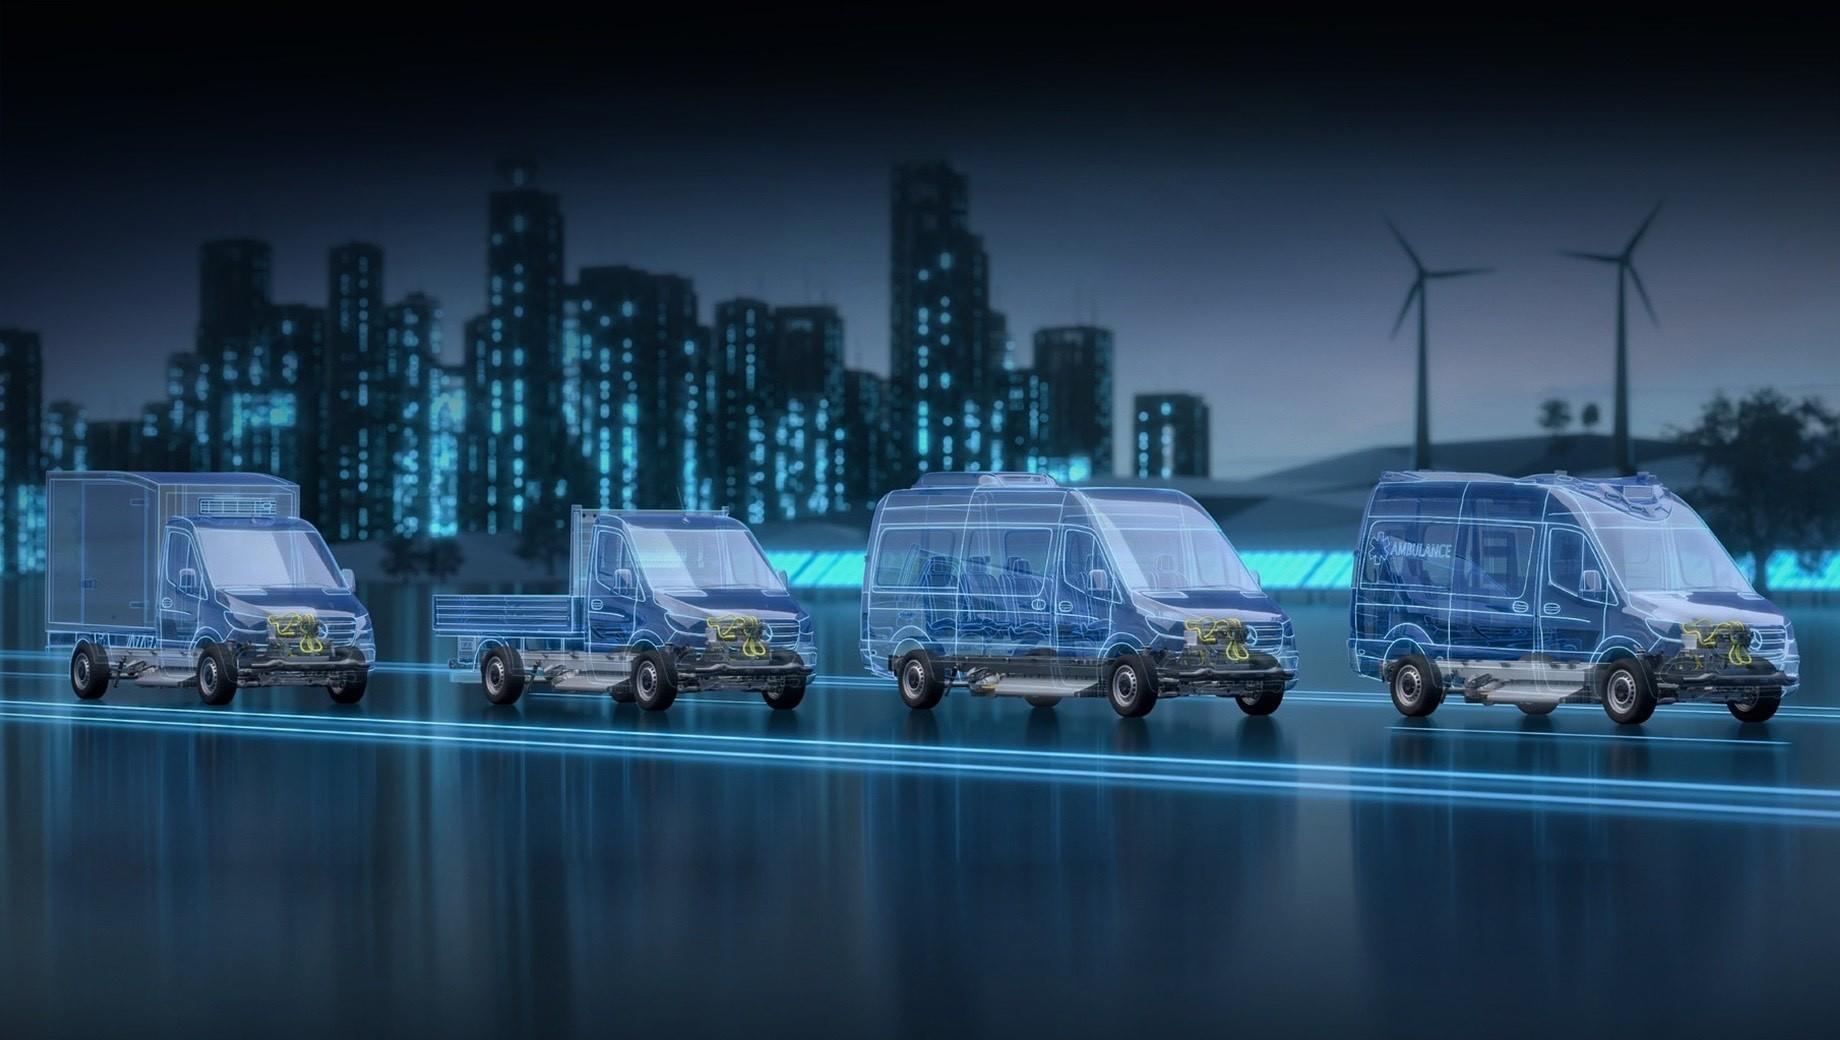 Mercedes esprinter. Mercedes eSprinter продаётся в Германии с мая 2020 года за 51 500 евро (4,6 млн рублей), но доступен только в виде панельного вэна с полной массой 3,5 т и объёмом грузового отсека 11 м³. Преемник же сможет быть ещё бортовым грузовиком, пассажирским автомобилем и транспортом спецслужб.